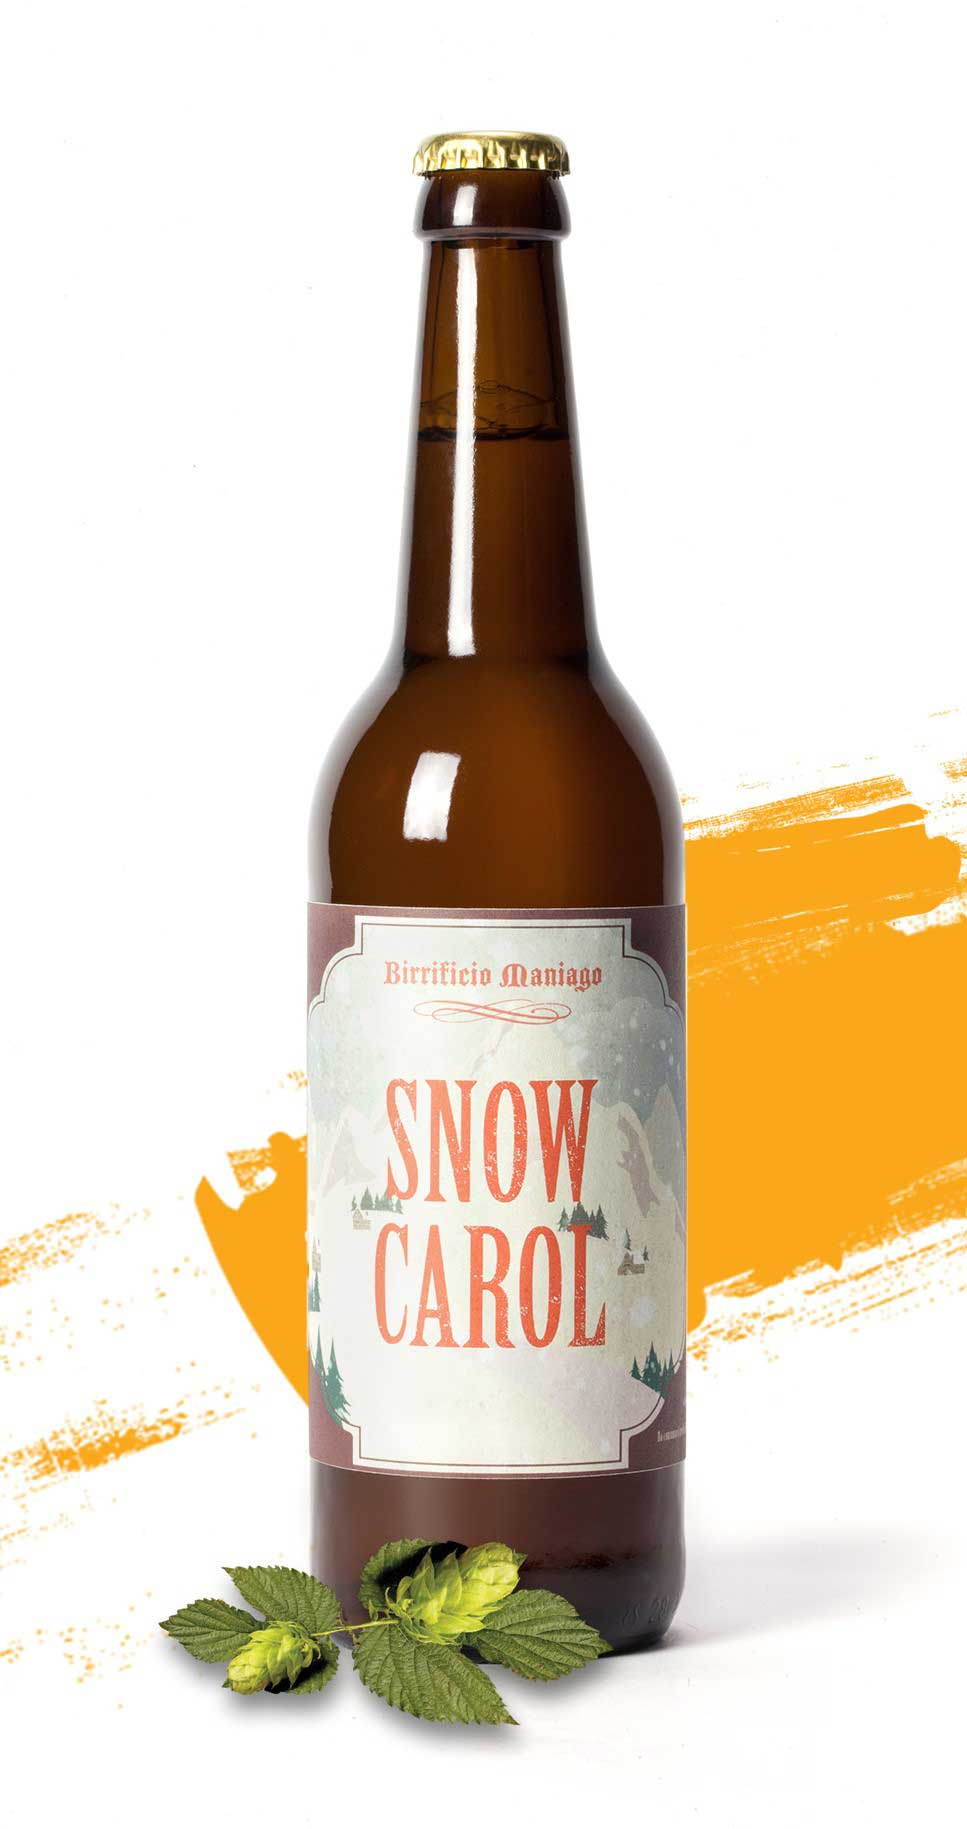 Snow Carol - Birrificio di Maniago - Bottiglia da o.5 L